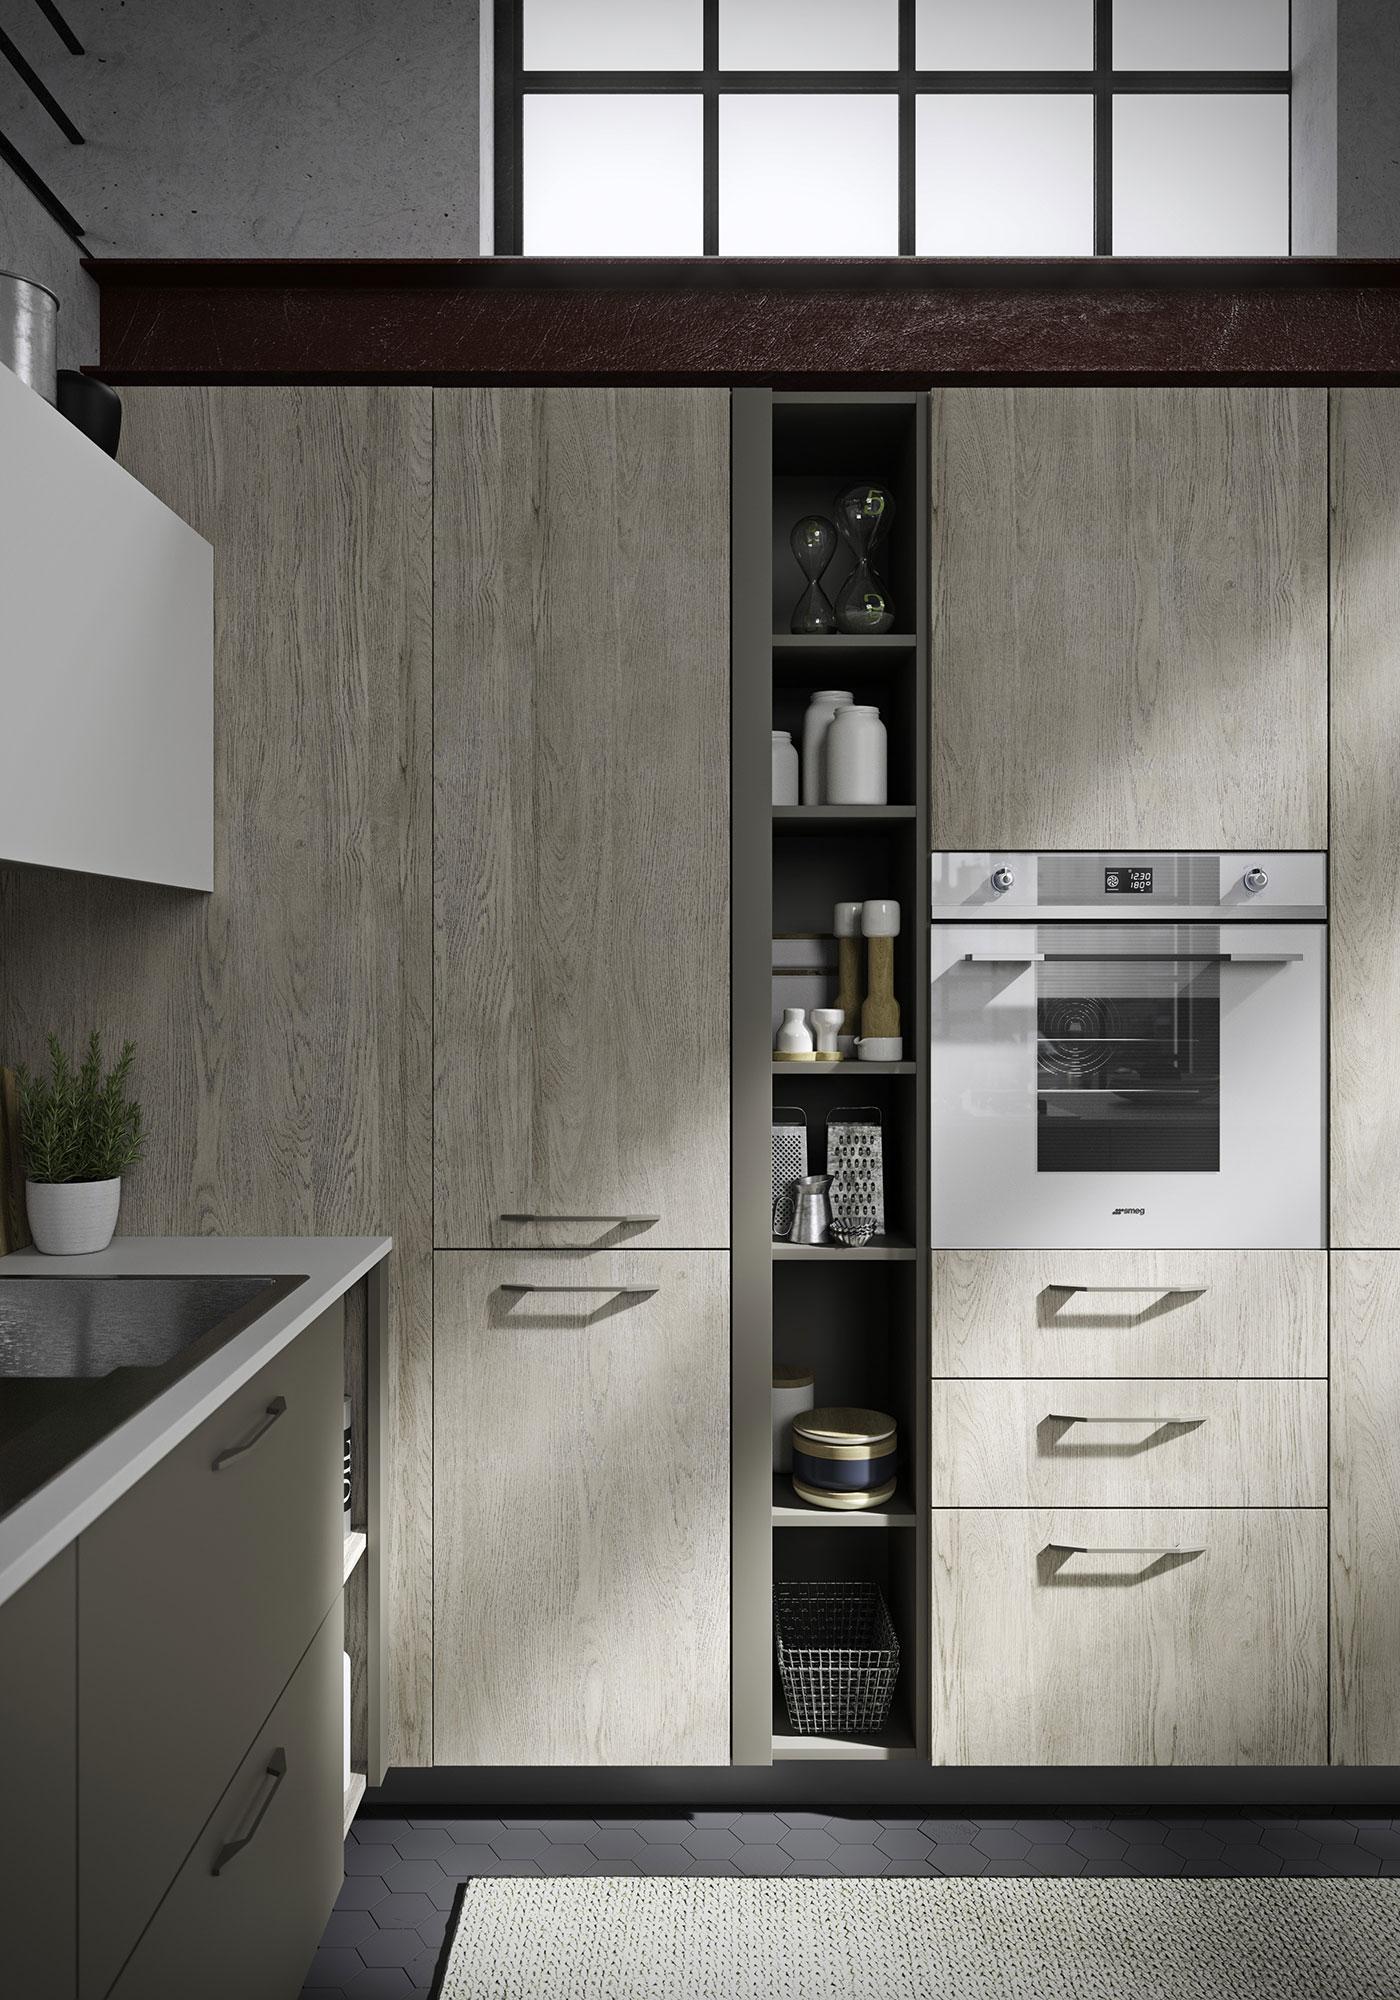 cucine-design-economiche-fun-snaidero-dettaglio-7